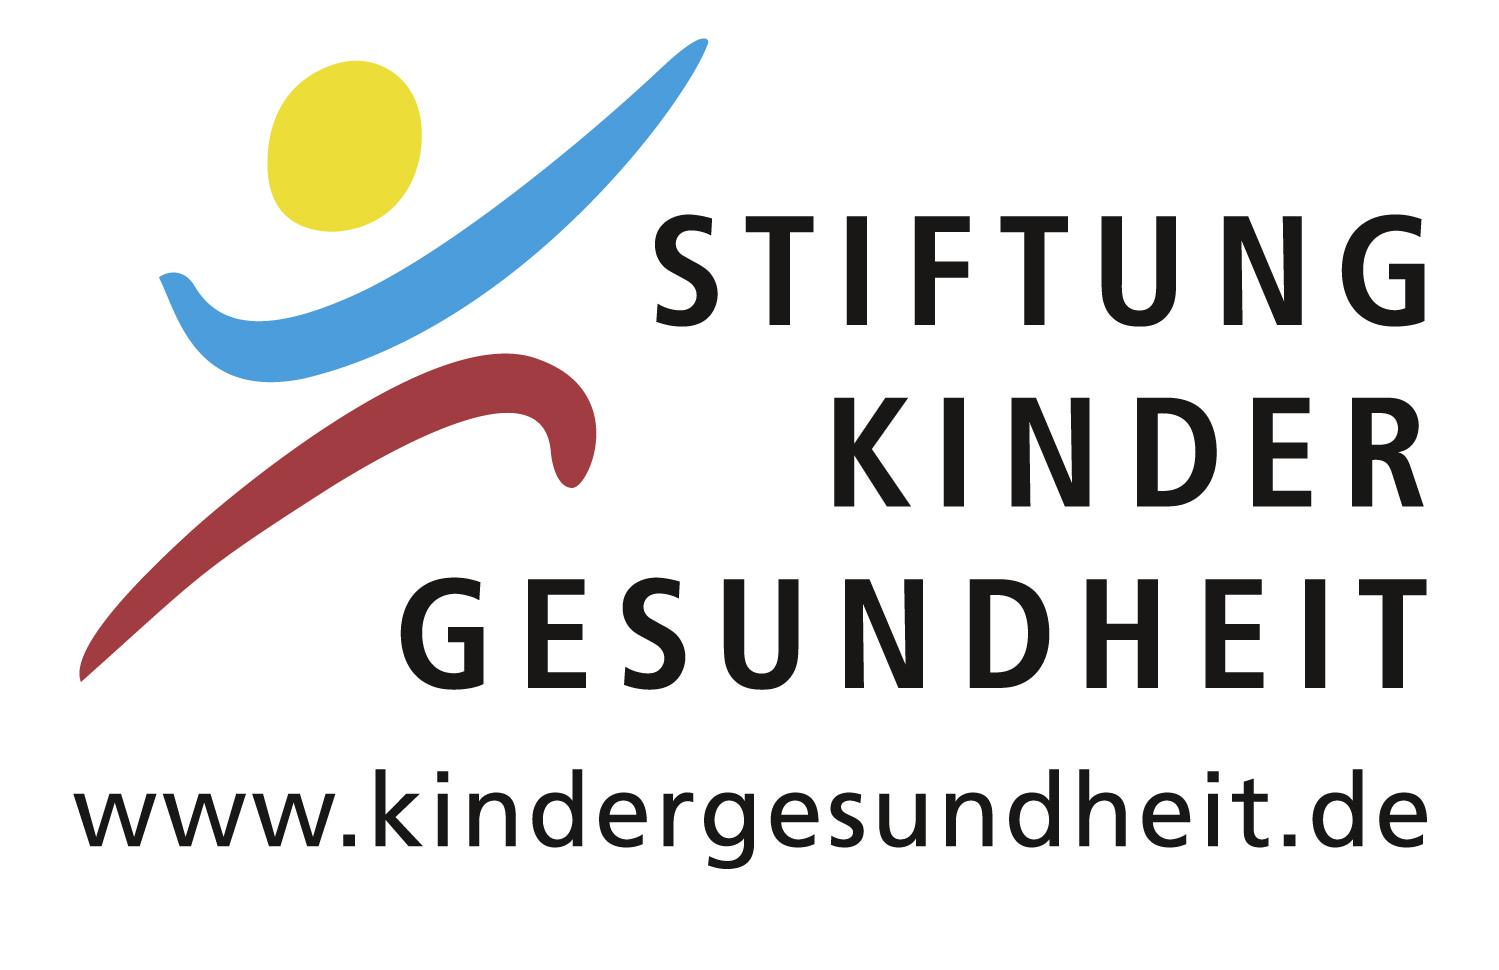 Stiftung Kindergesundheit